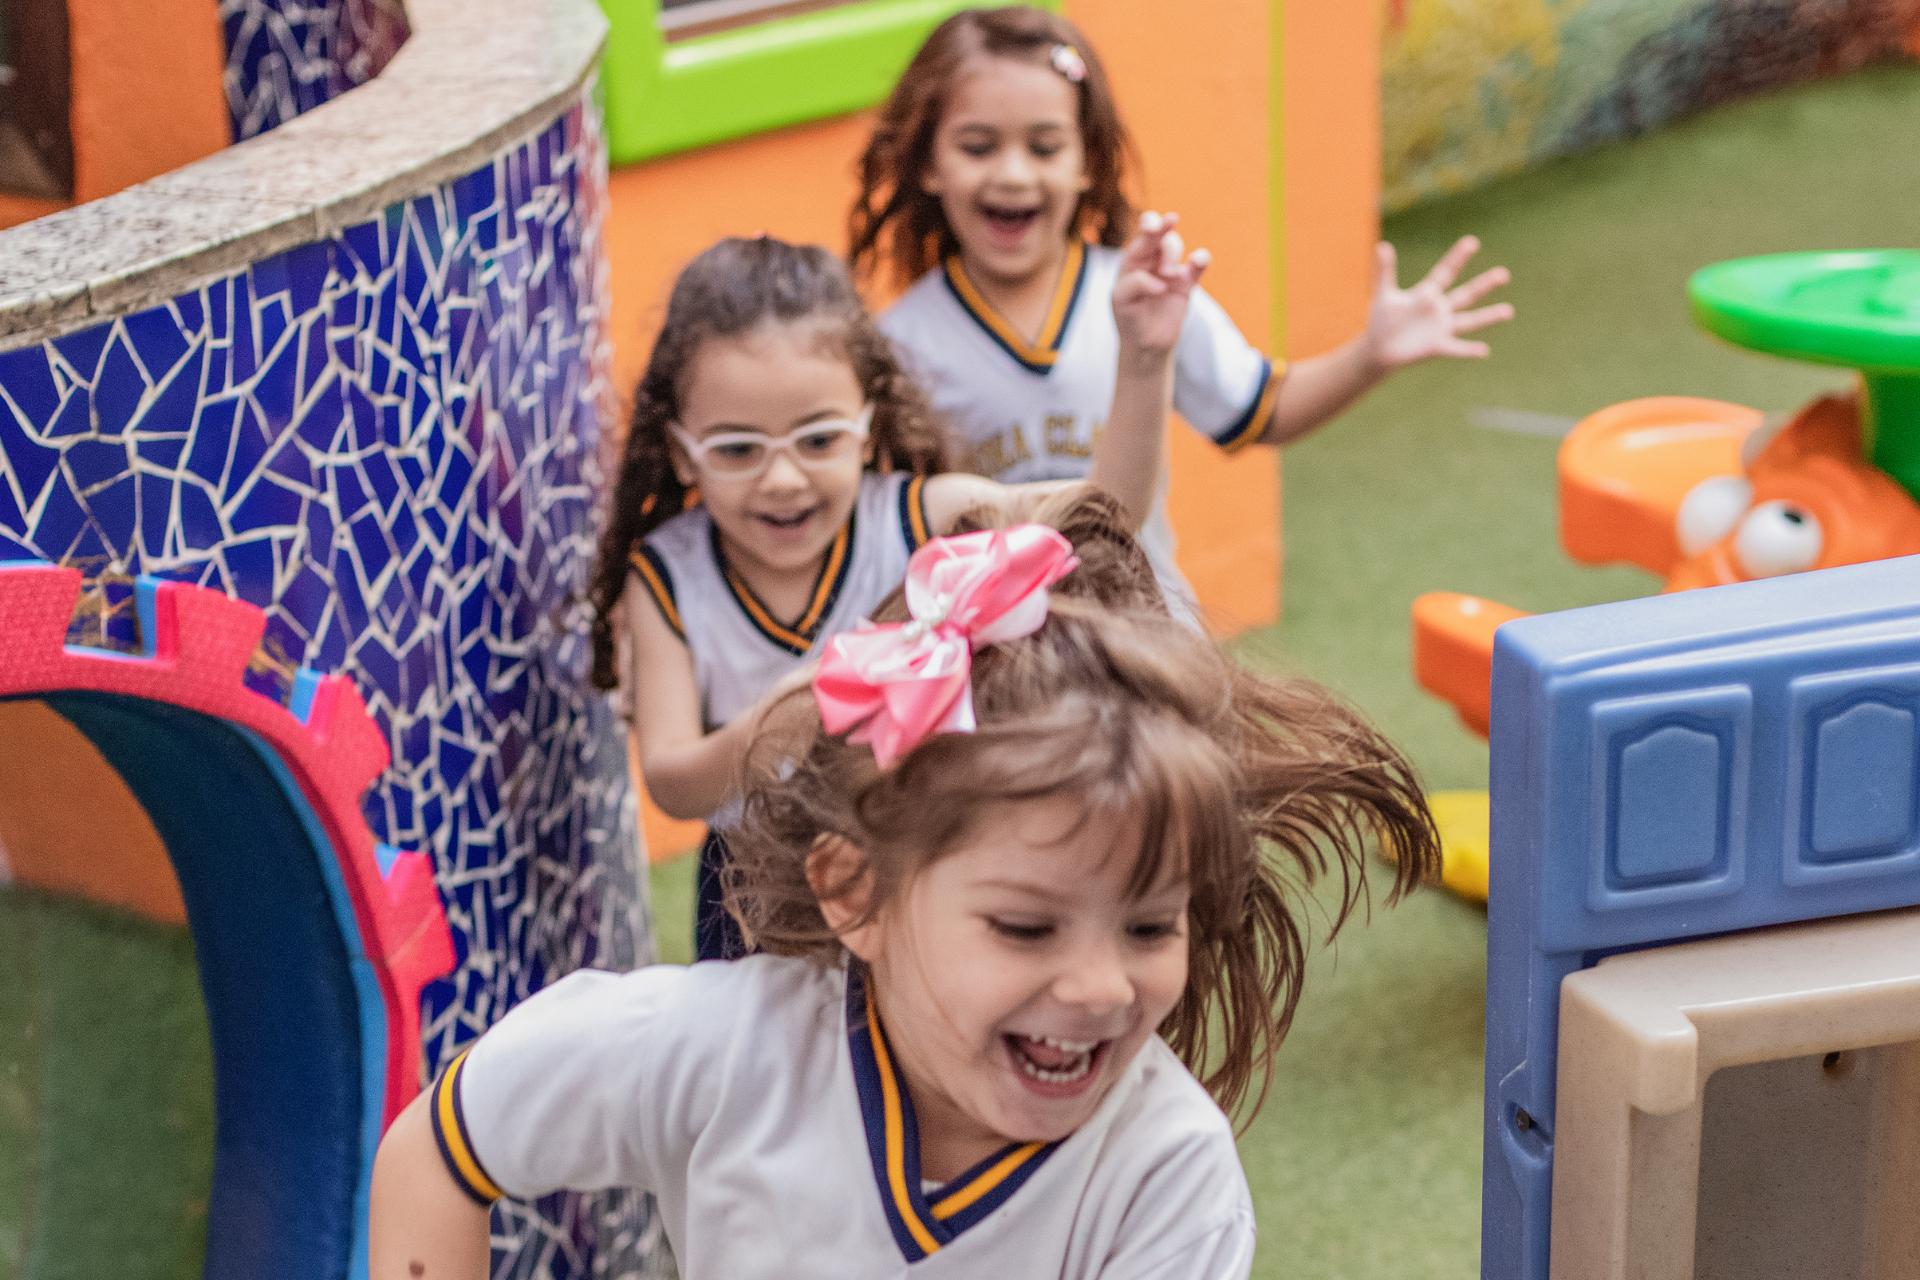 Brincadeiras e seus benefícios para o desenvolvimento infantil